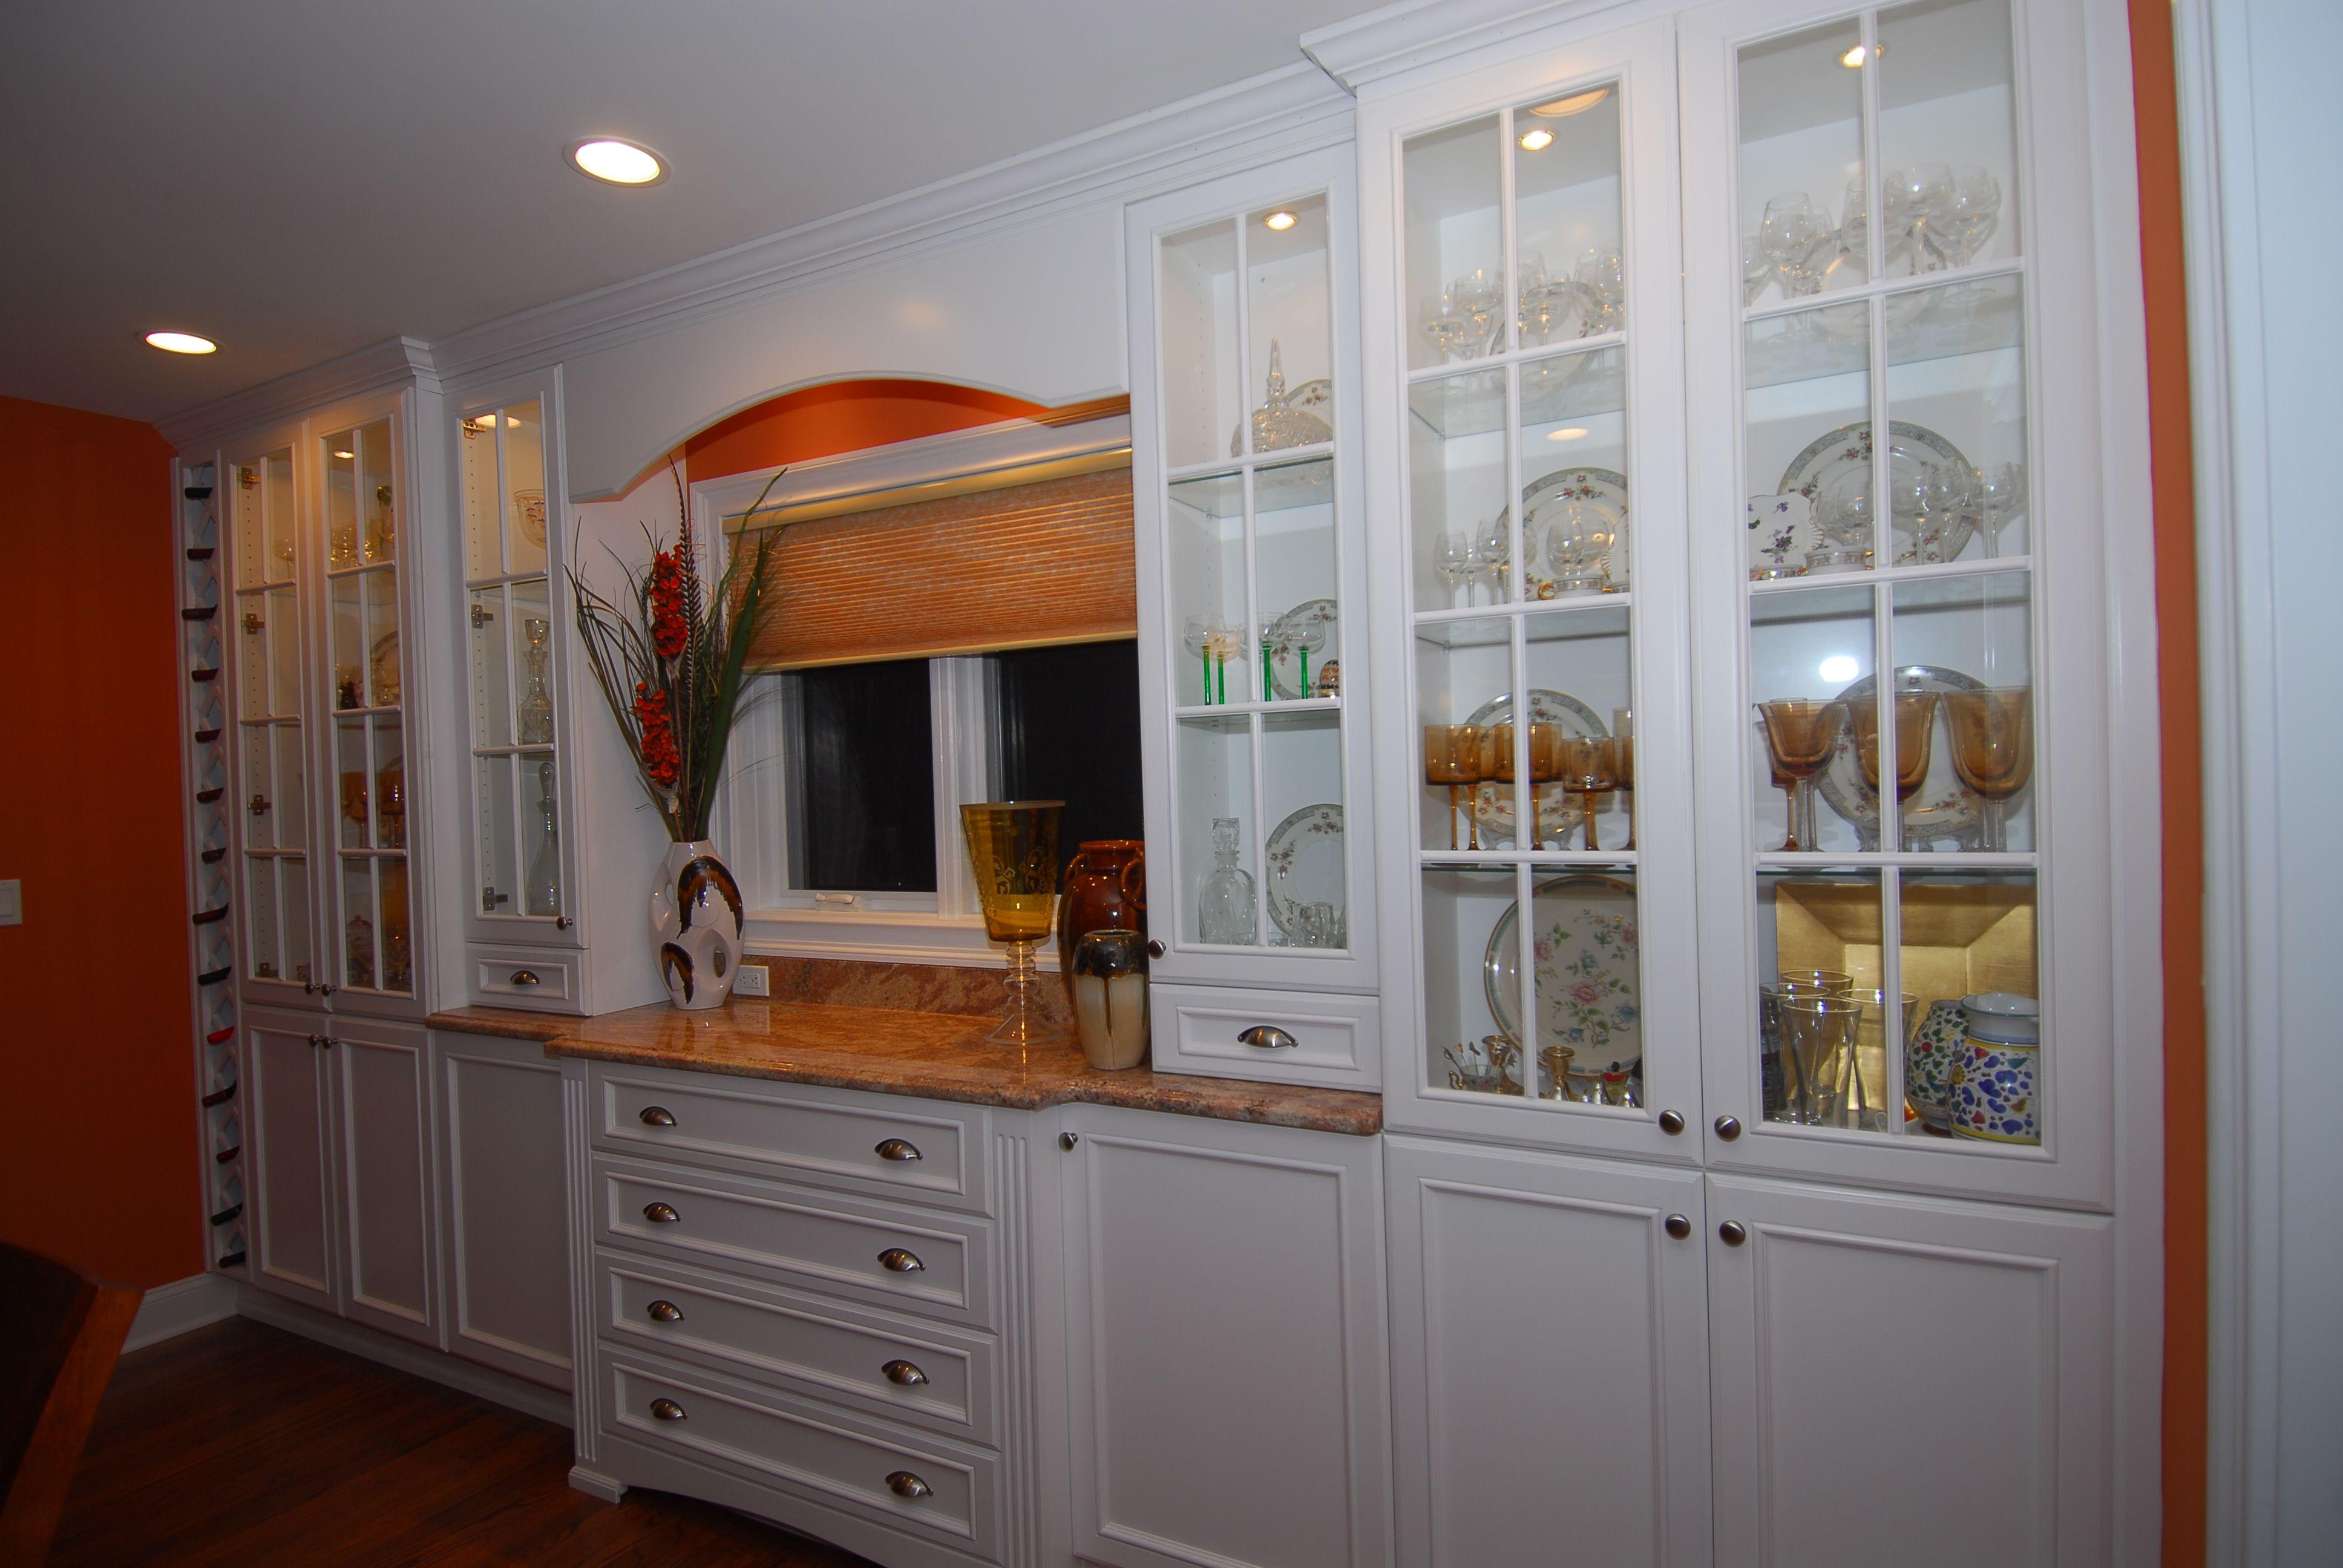 White Thermofoil Kitchen Home decor, Home, China